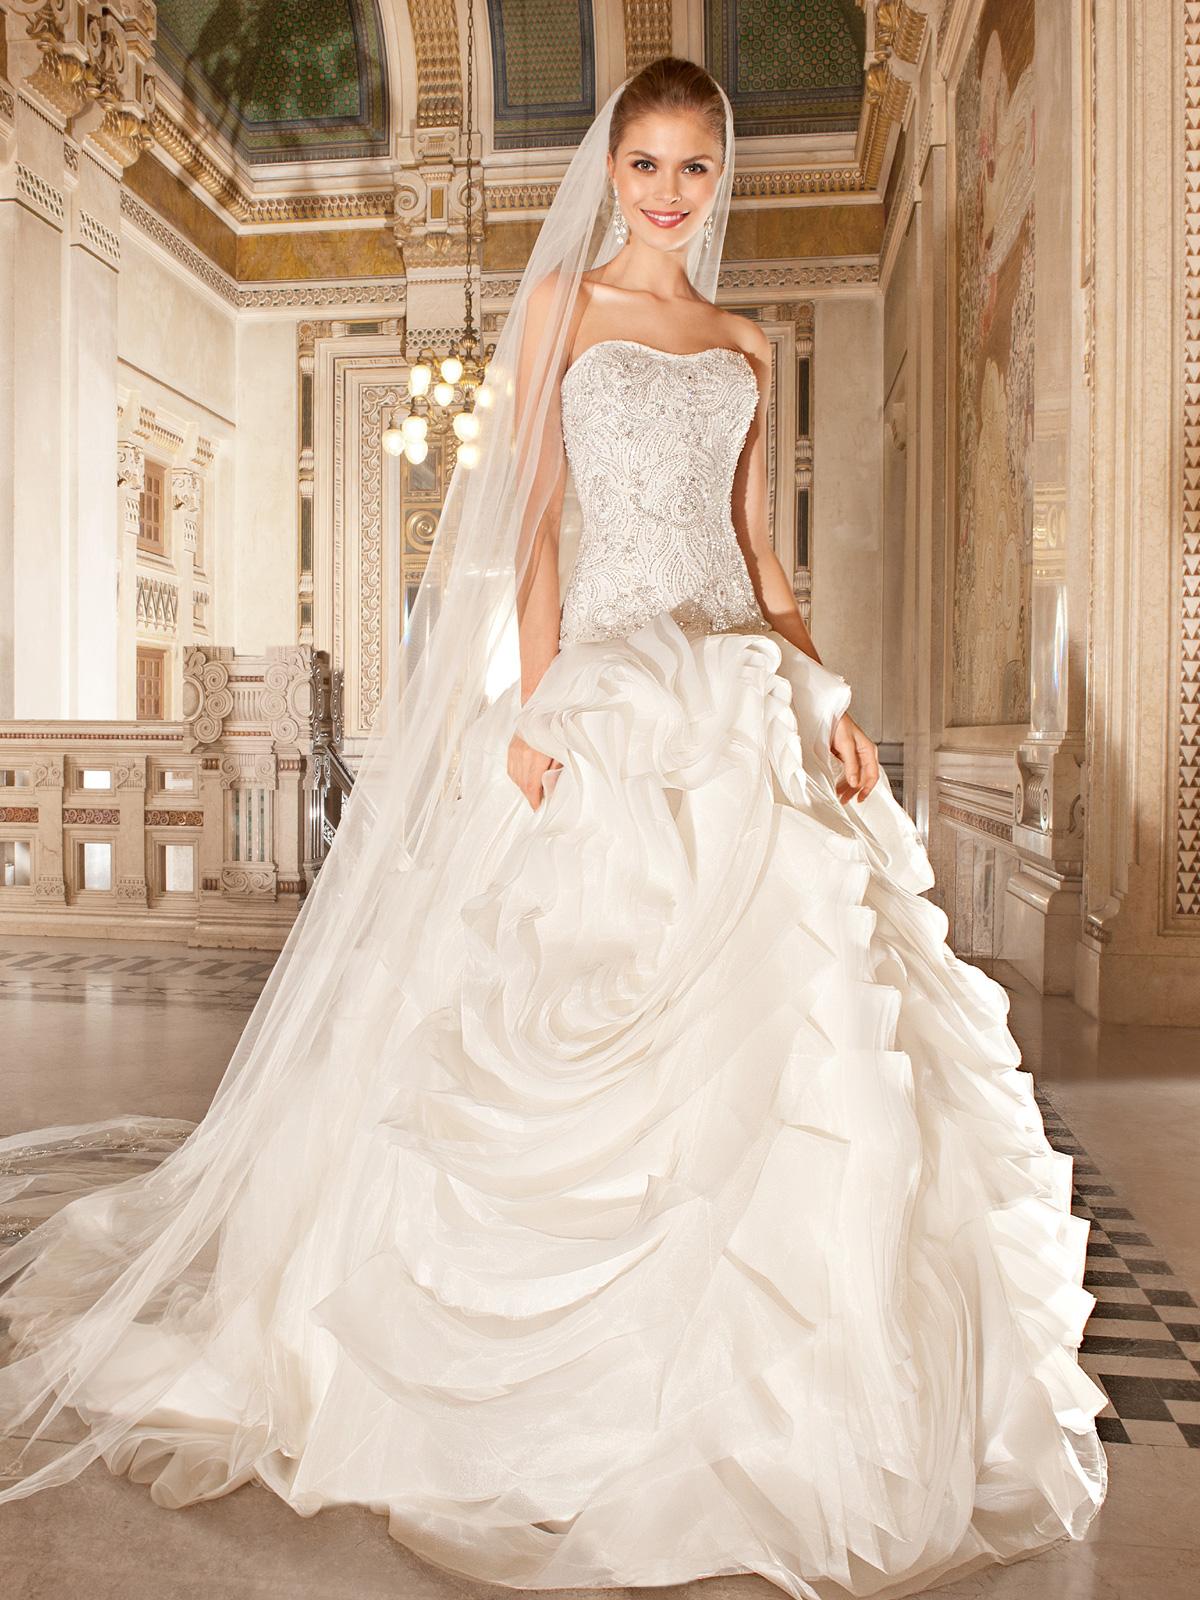 Vestido de Noiva Glamuroso, tomara que caia, com corpo alongado todo bordado em pedrarias e cristais, saia com camadas de organza em forma de pergaminhos entrelaçados e cauda.